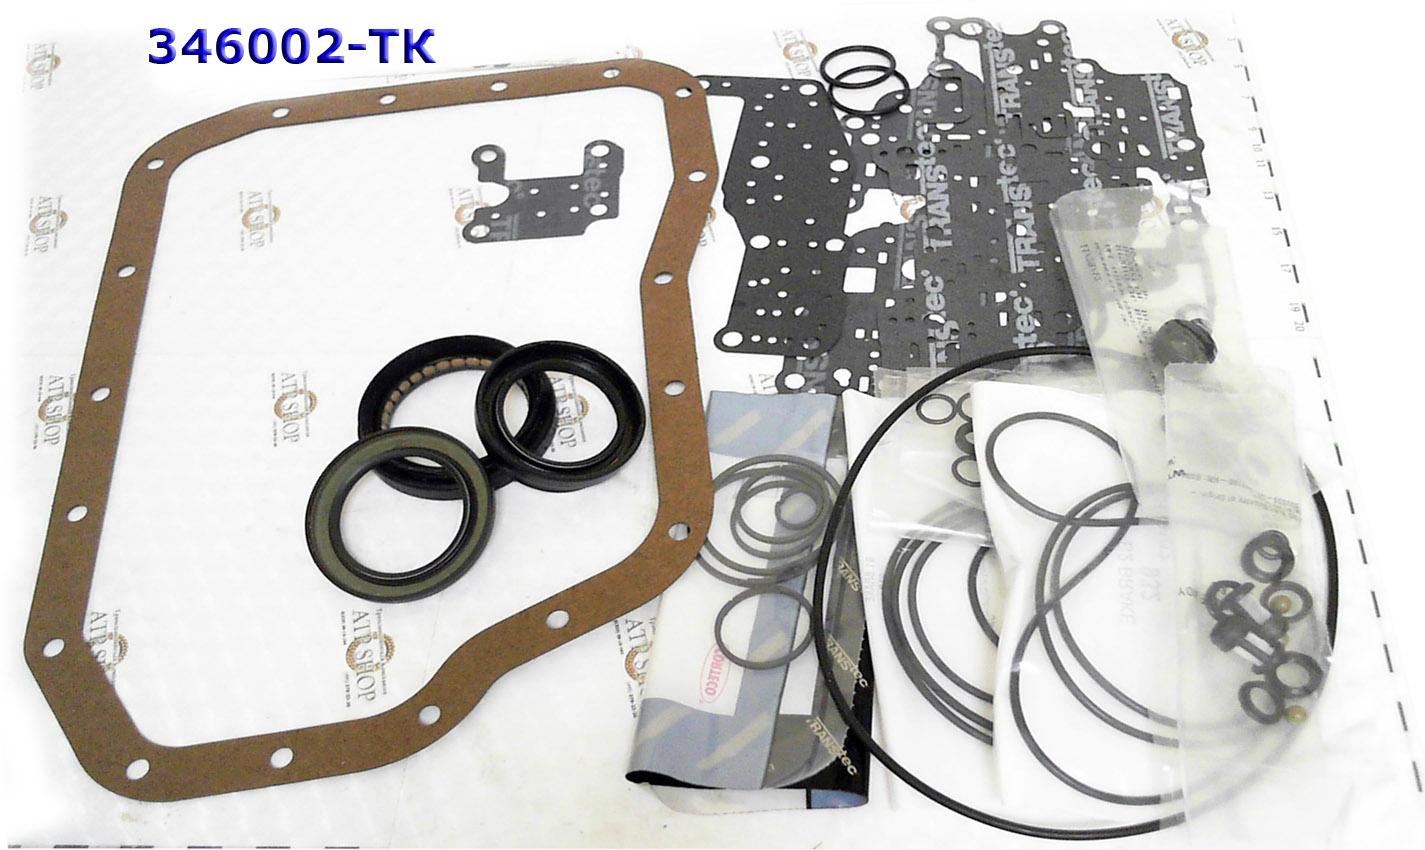 Транстек Комплект Прокладок и Сальников (Ремкомплект) (Оверол кит), Overhaul Kit, U660 Camry, Lexus ES 2007-On